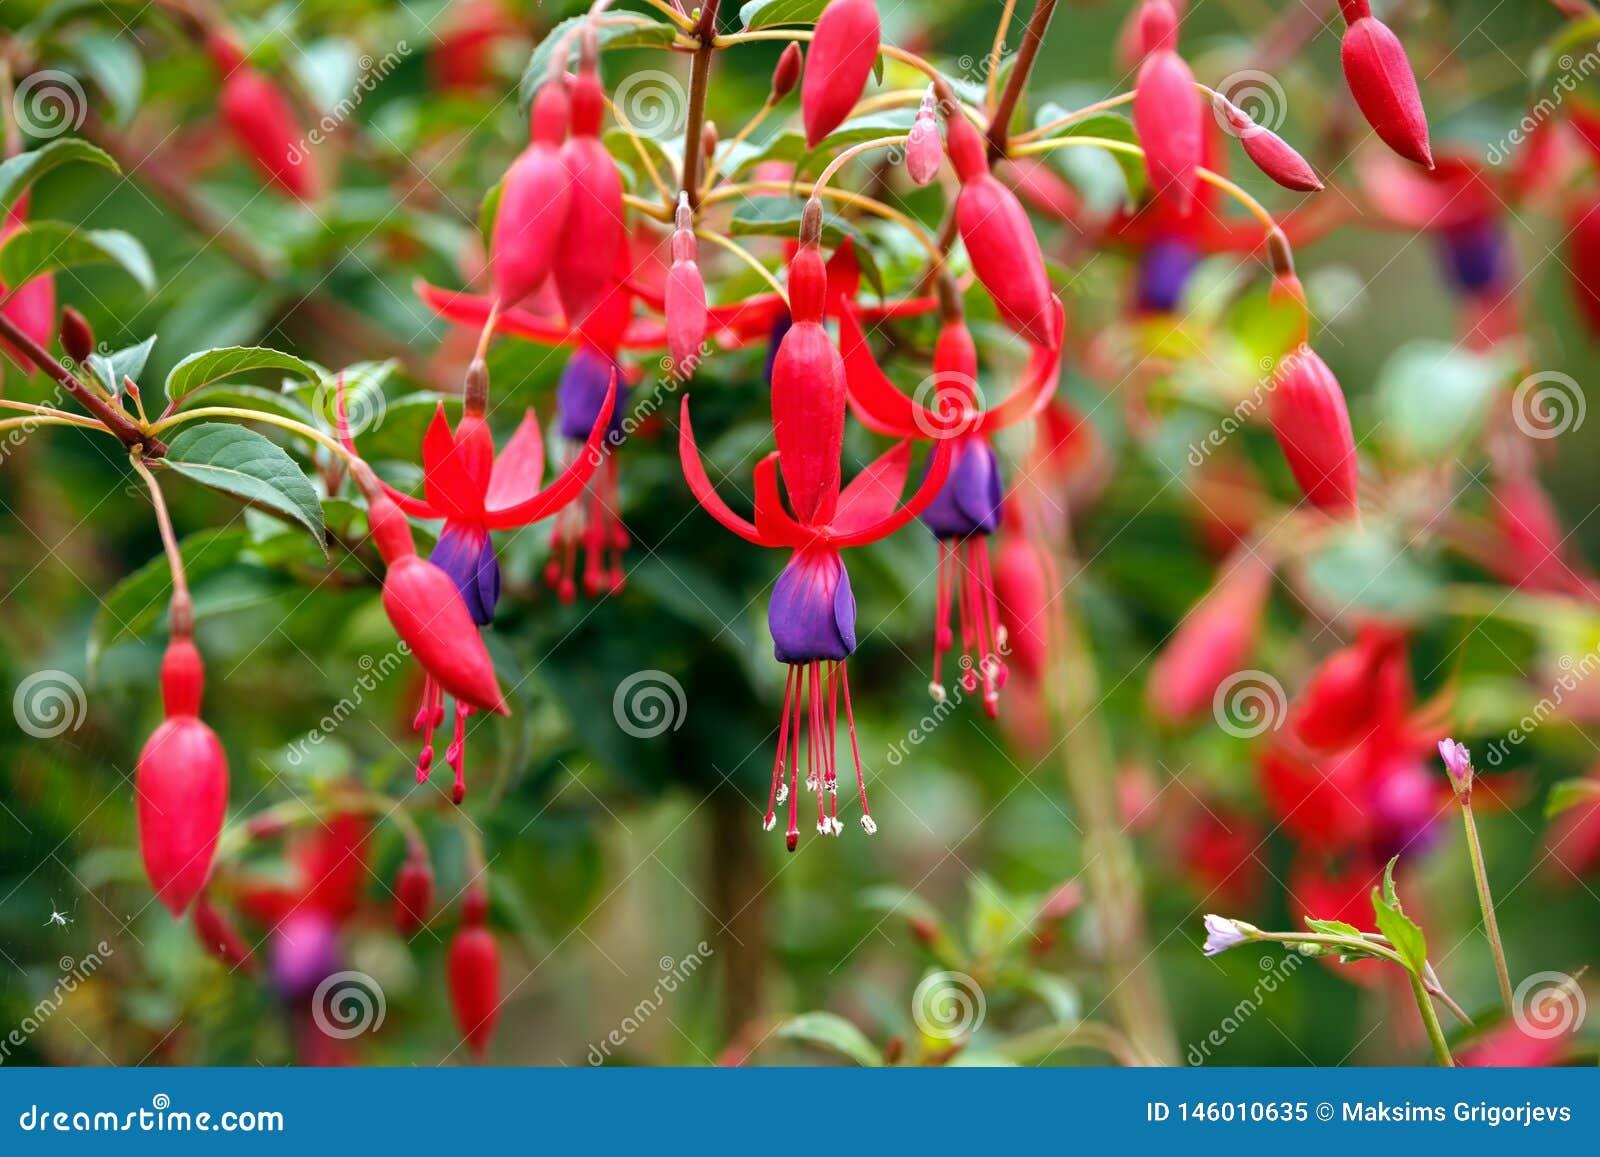 紫红色的开花特写镜头在家庭绿色庭院里